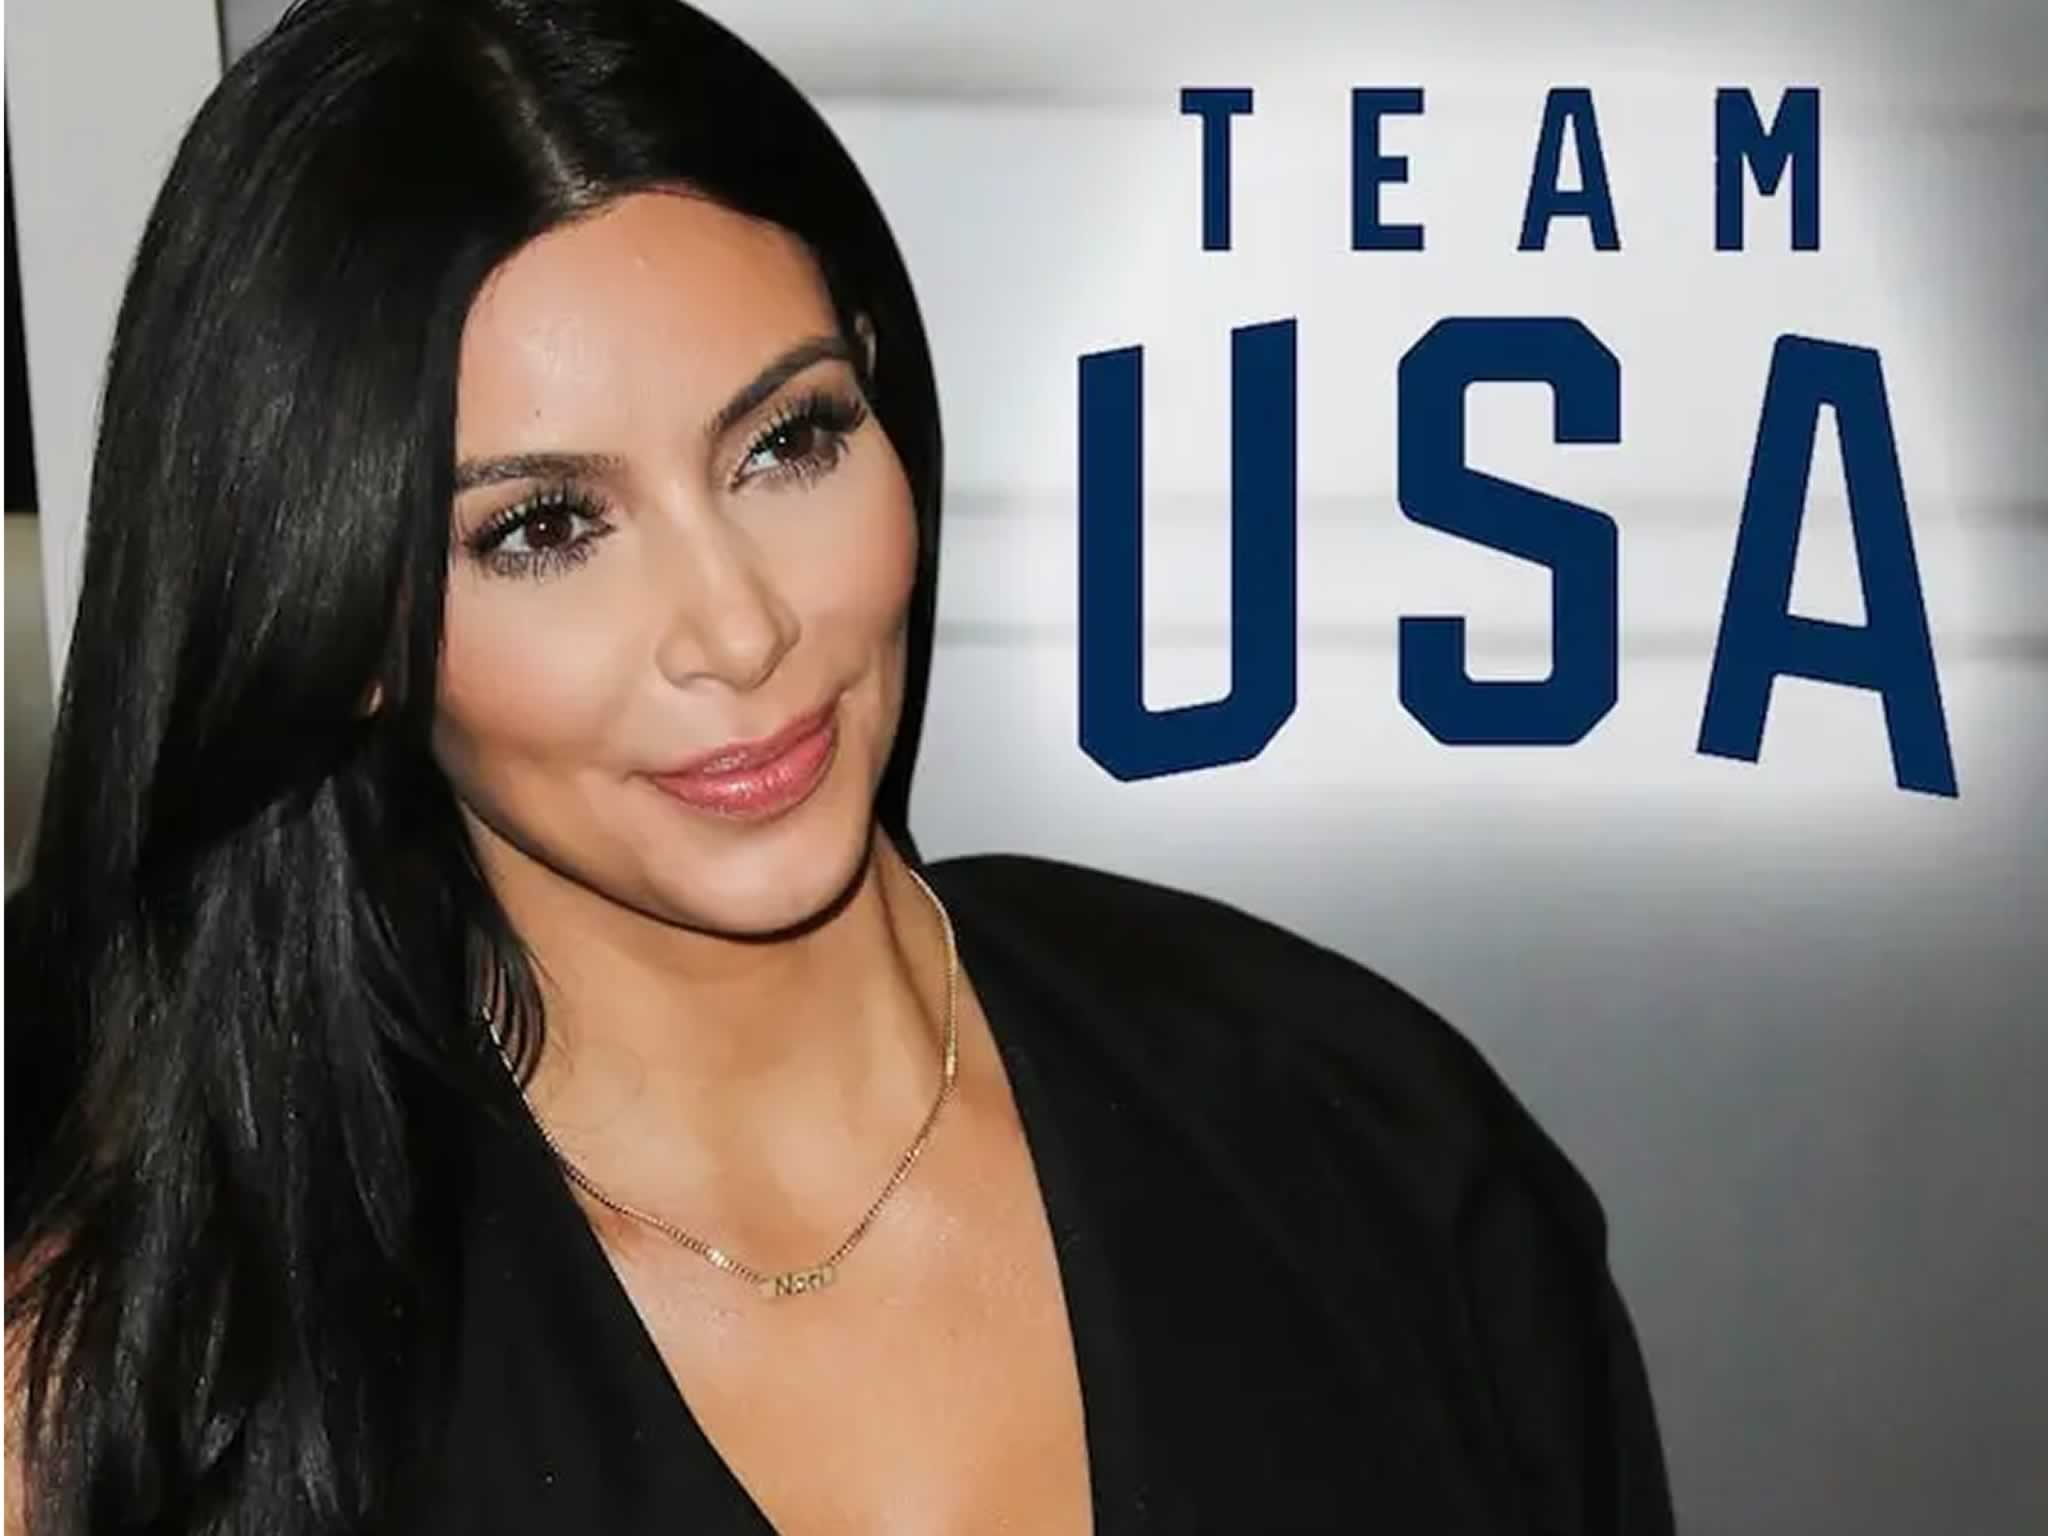 Τι νομίζατε ότι έτσι χωρίς γκλαμουράτα εσώρουχα θα πήγαινε η Ολυμπιακή ομάδα των ΗΠΑ στο Τόκιο για τους Ολυμπιακούς που ξεκινούν